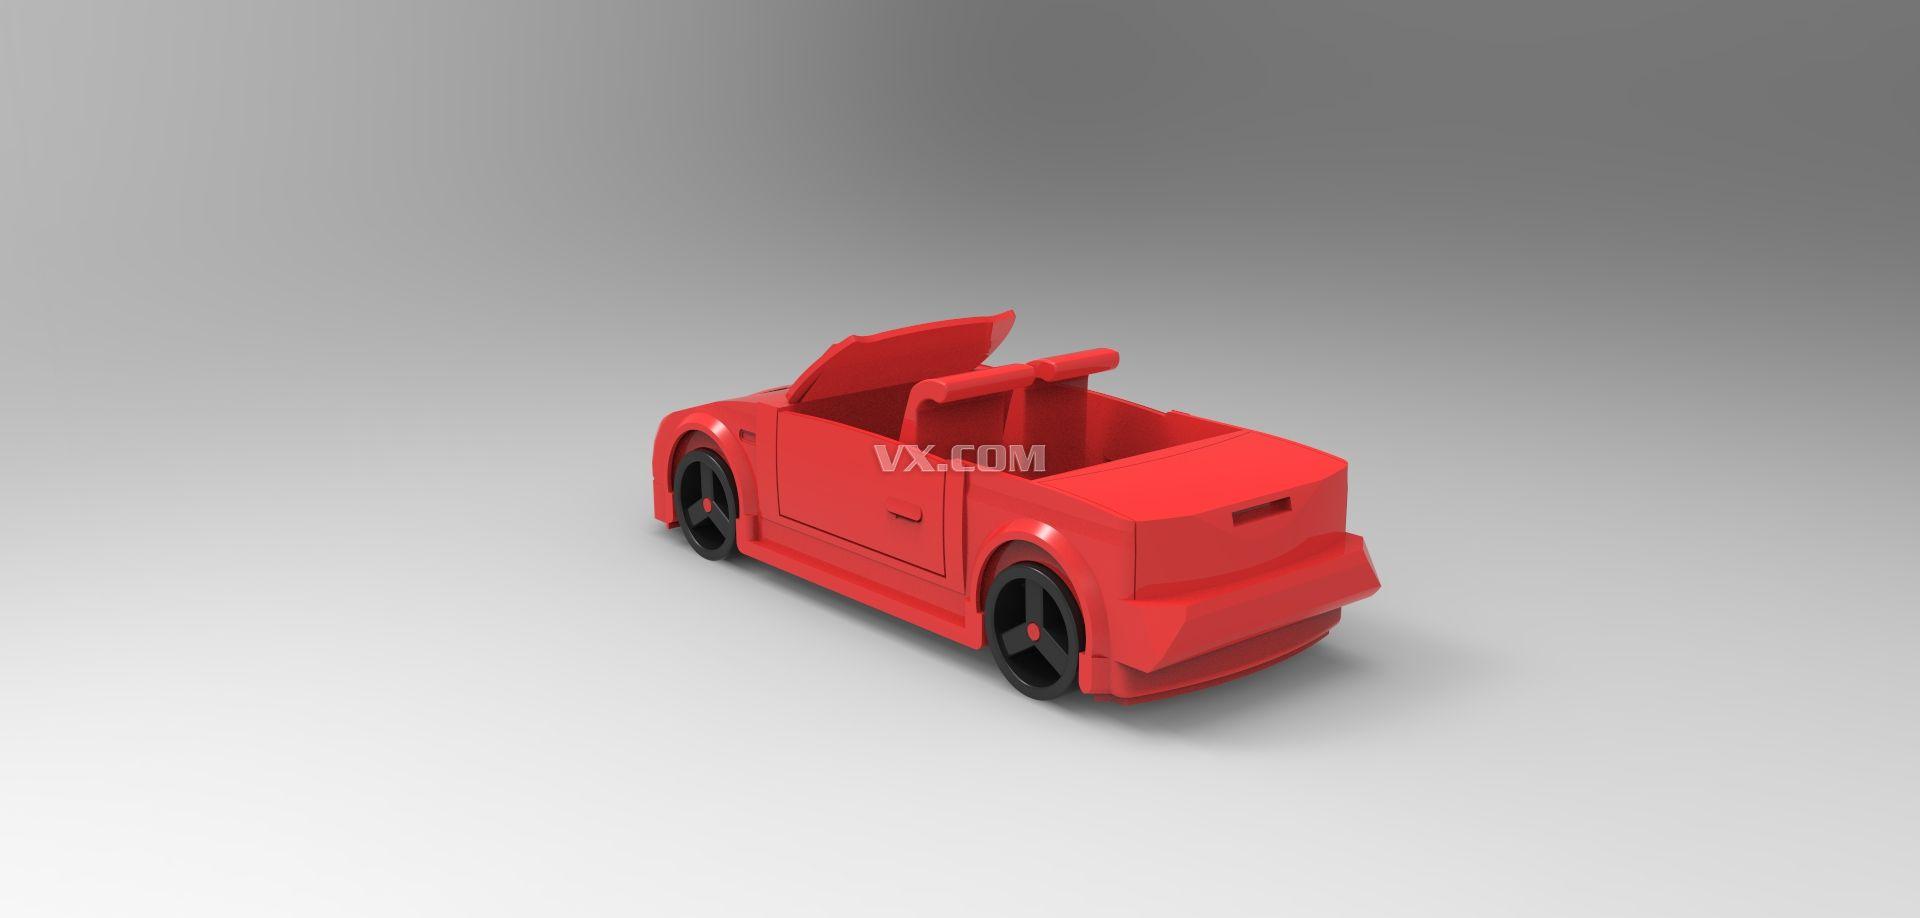 小汽车_中望3d_创意设计_3d模型_图纸下载_微小网